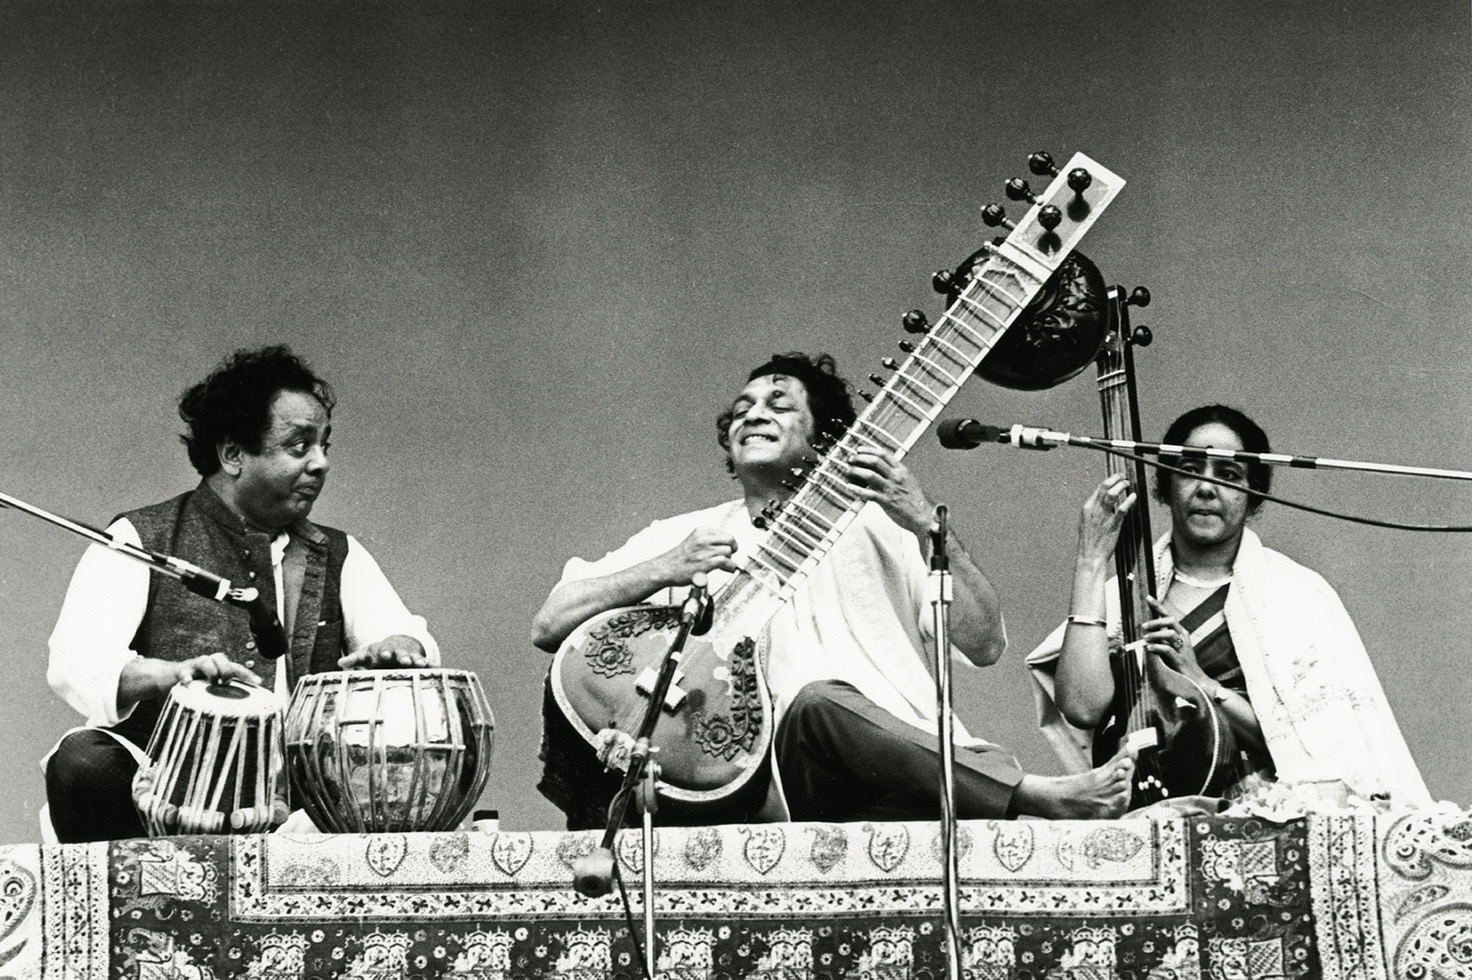 ravi_shankar_band_montereypop_1967 (1).jpg